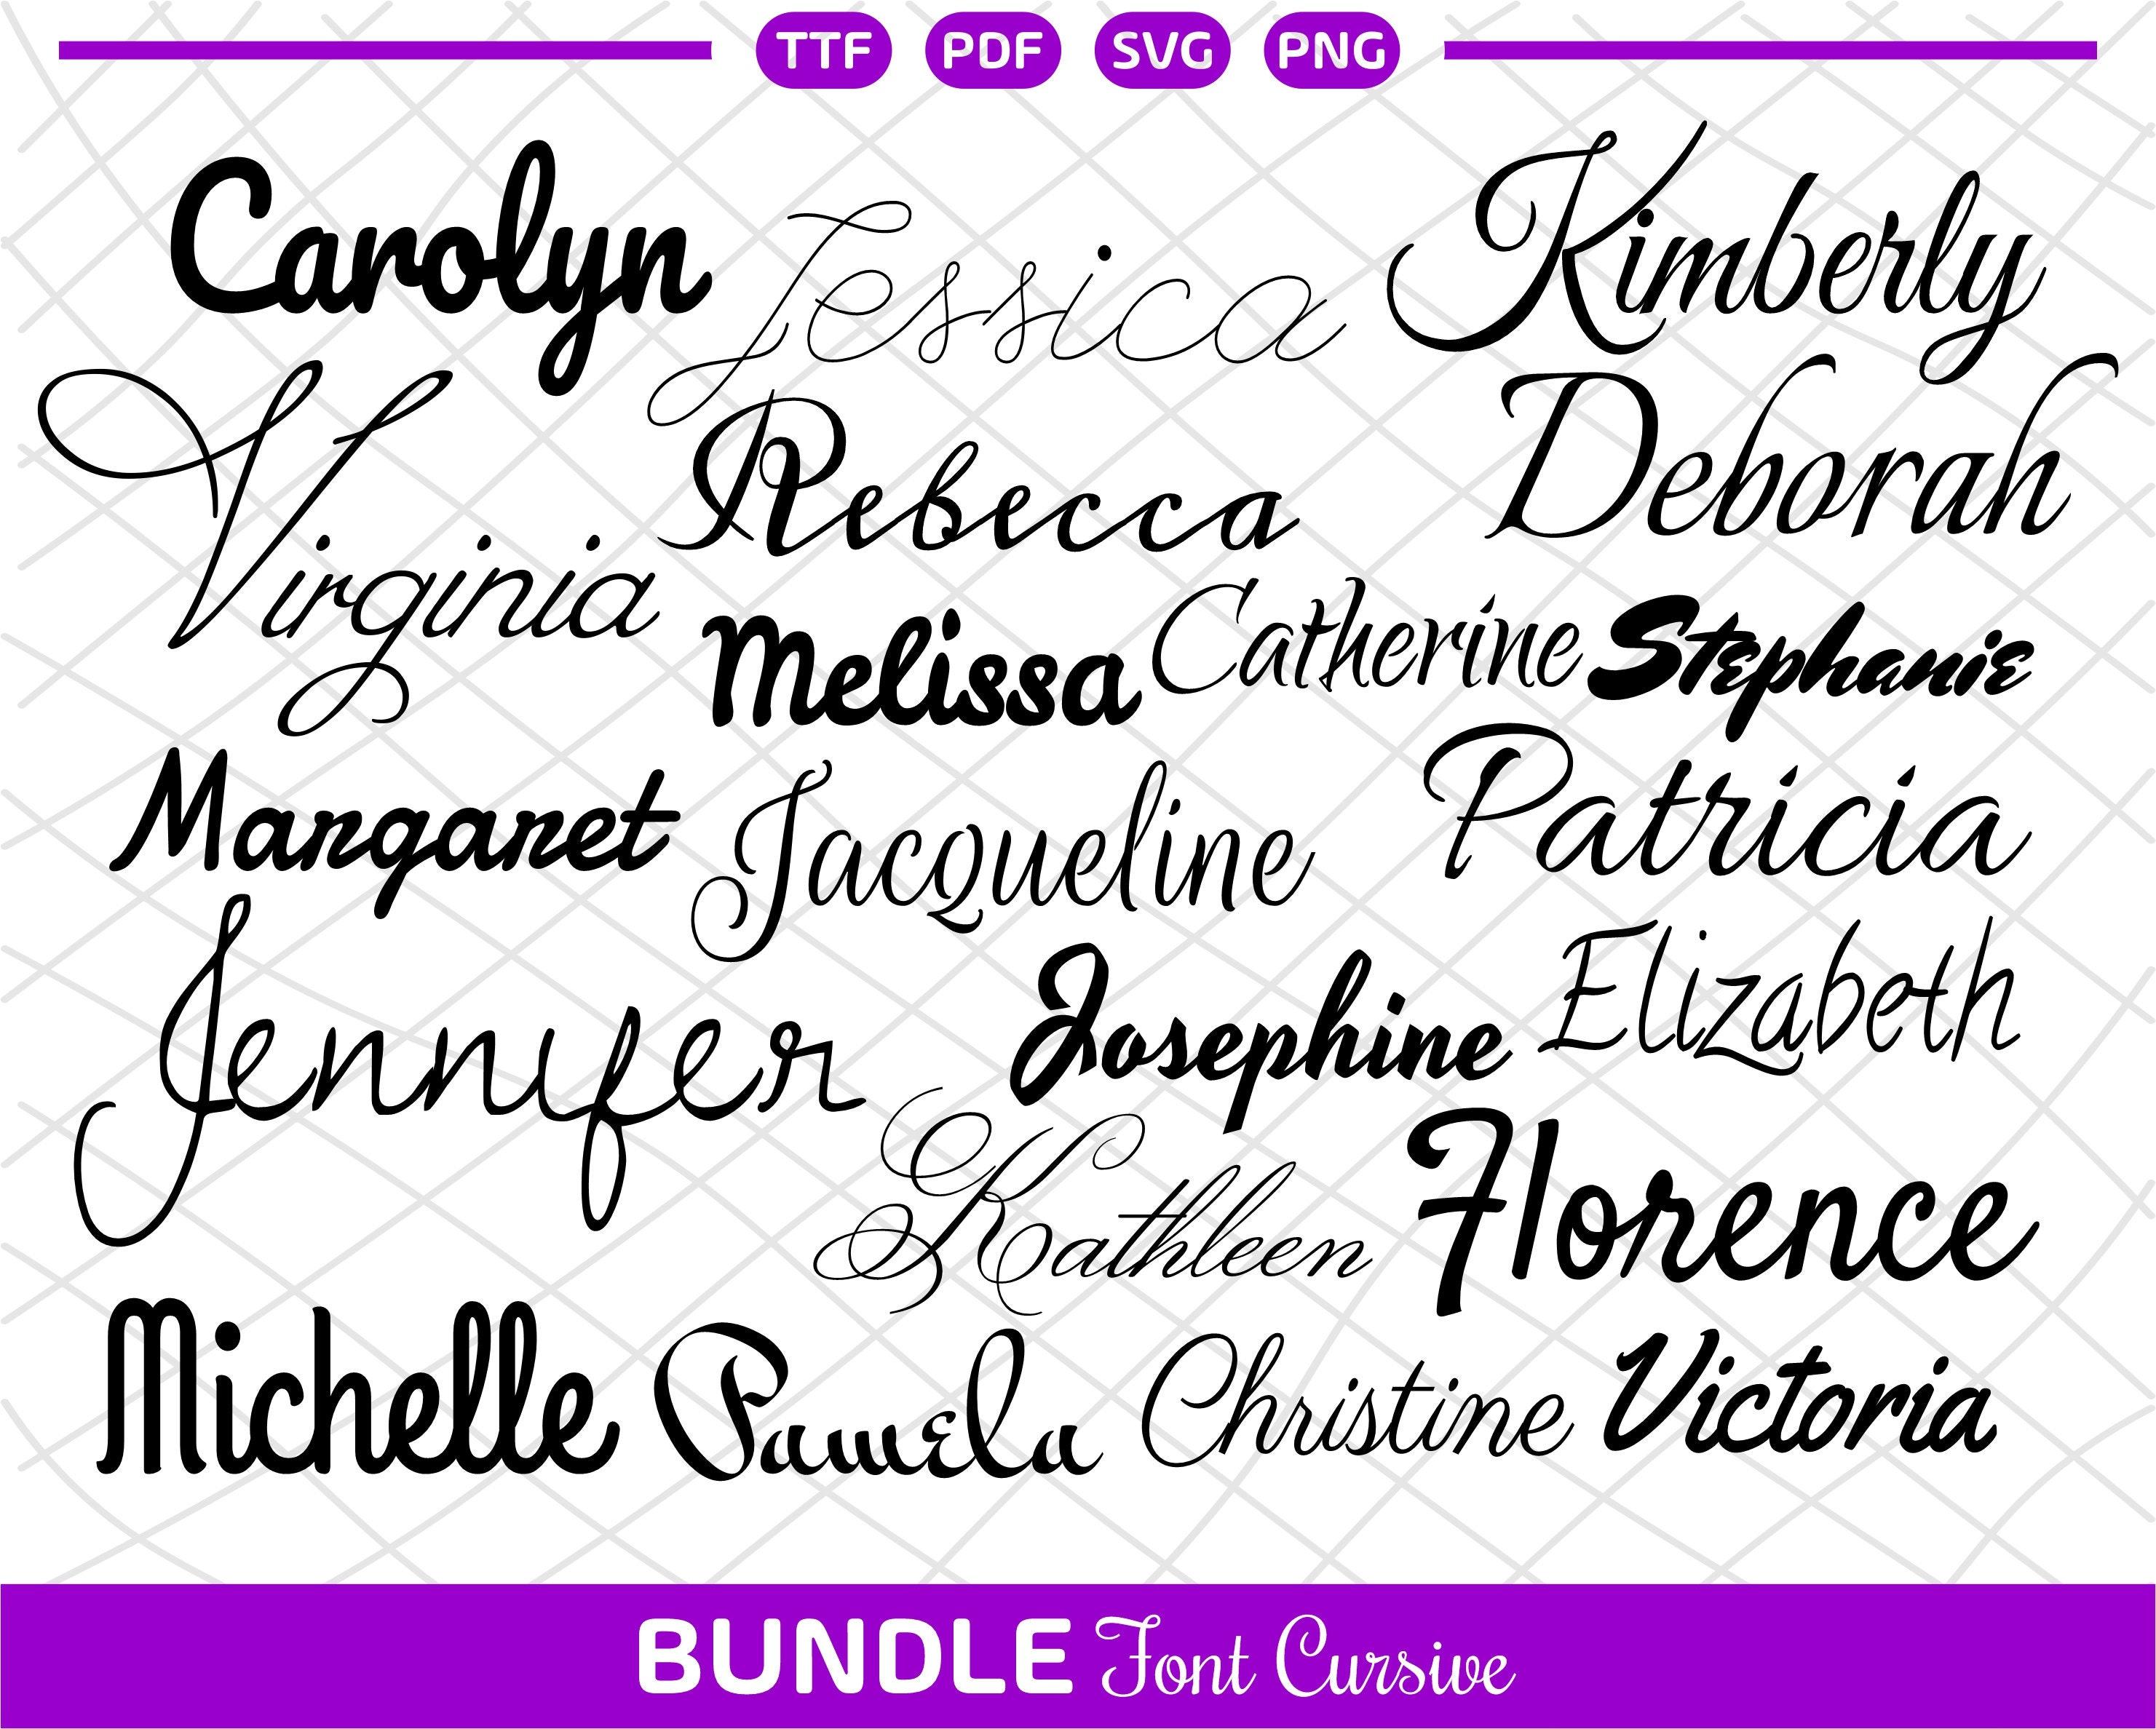 Bundle Cursive font SVG Signature font For Cricut Bundle cursive font svg Cricut font svg bundle Silhouette Cursive fonts for Cricut